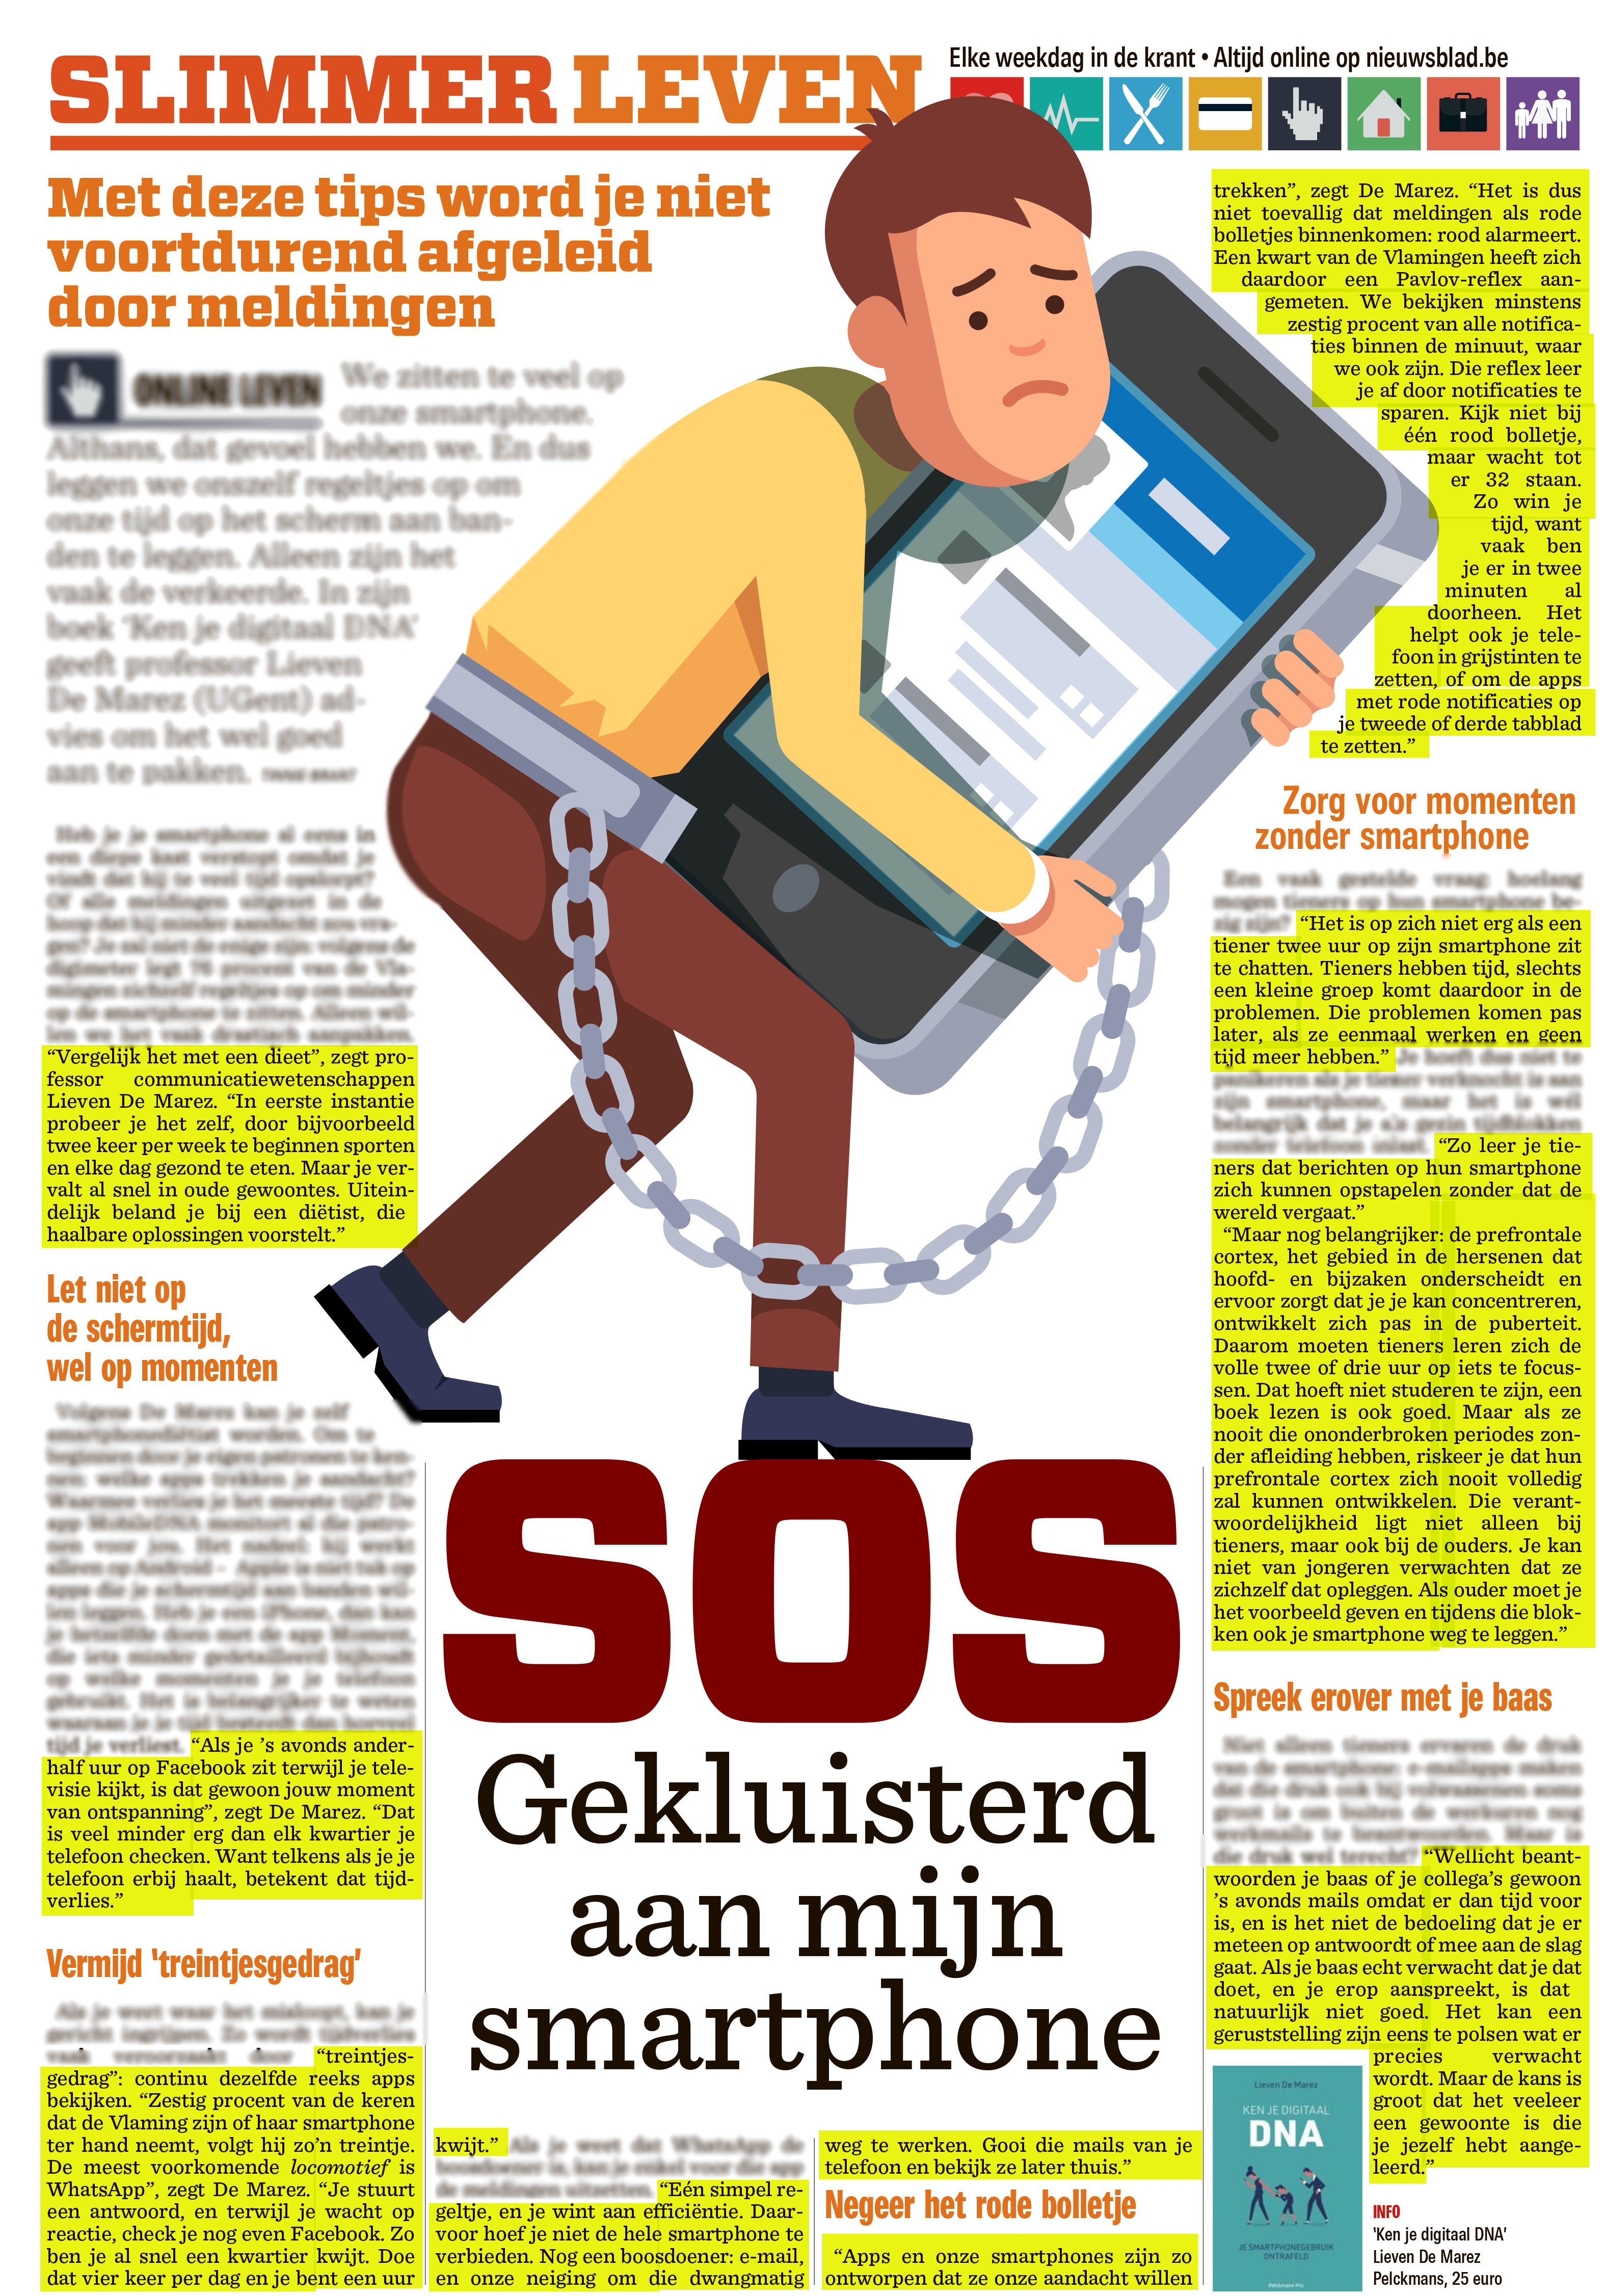 BRON: Nieuwsblad, 23/05/2019, p. 14